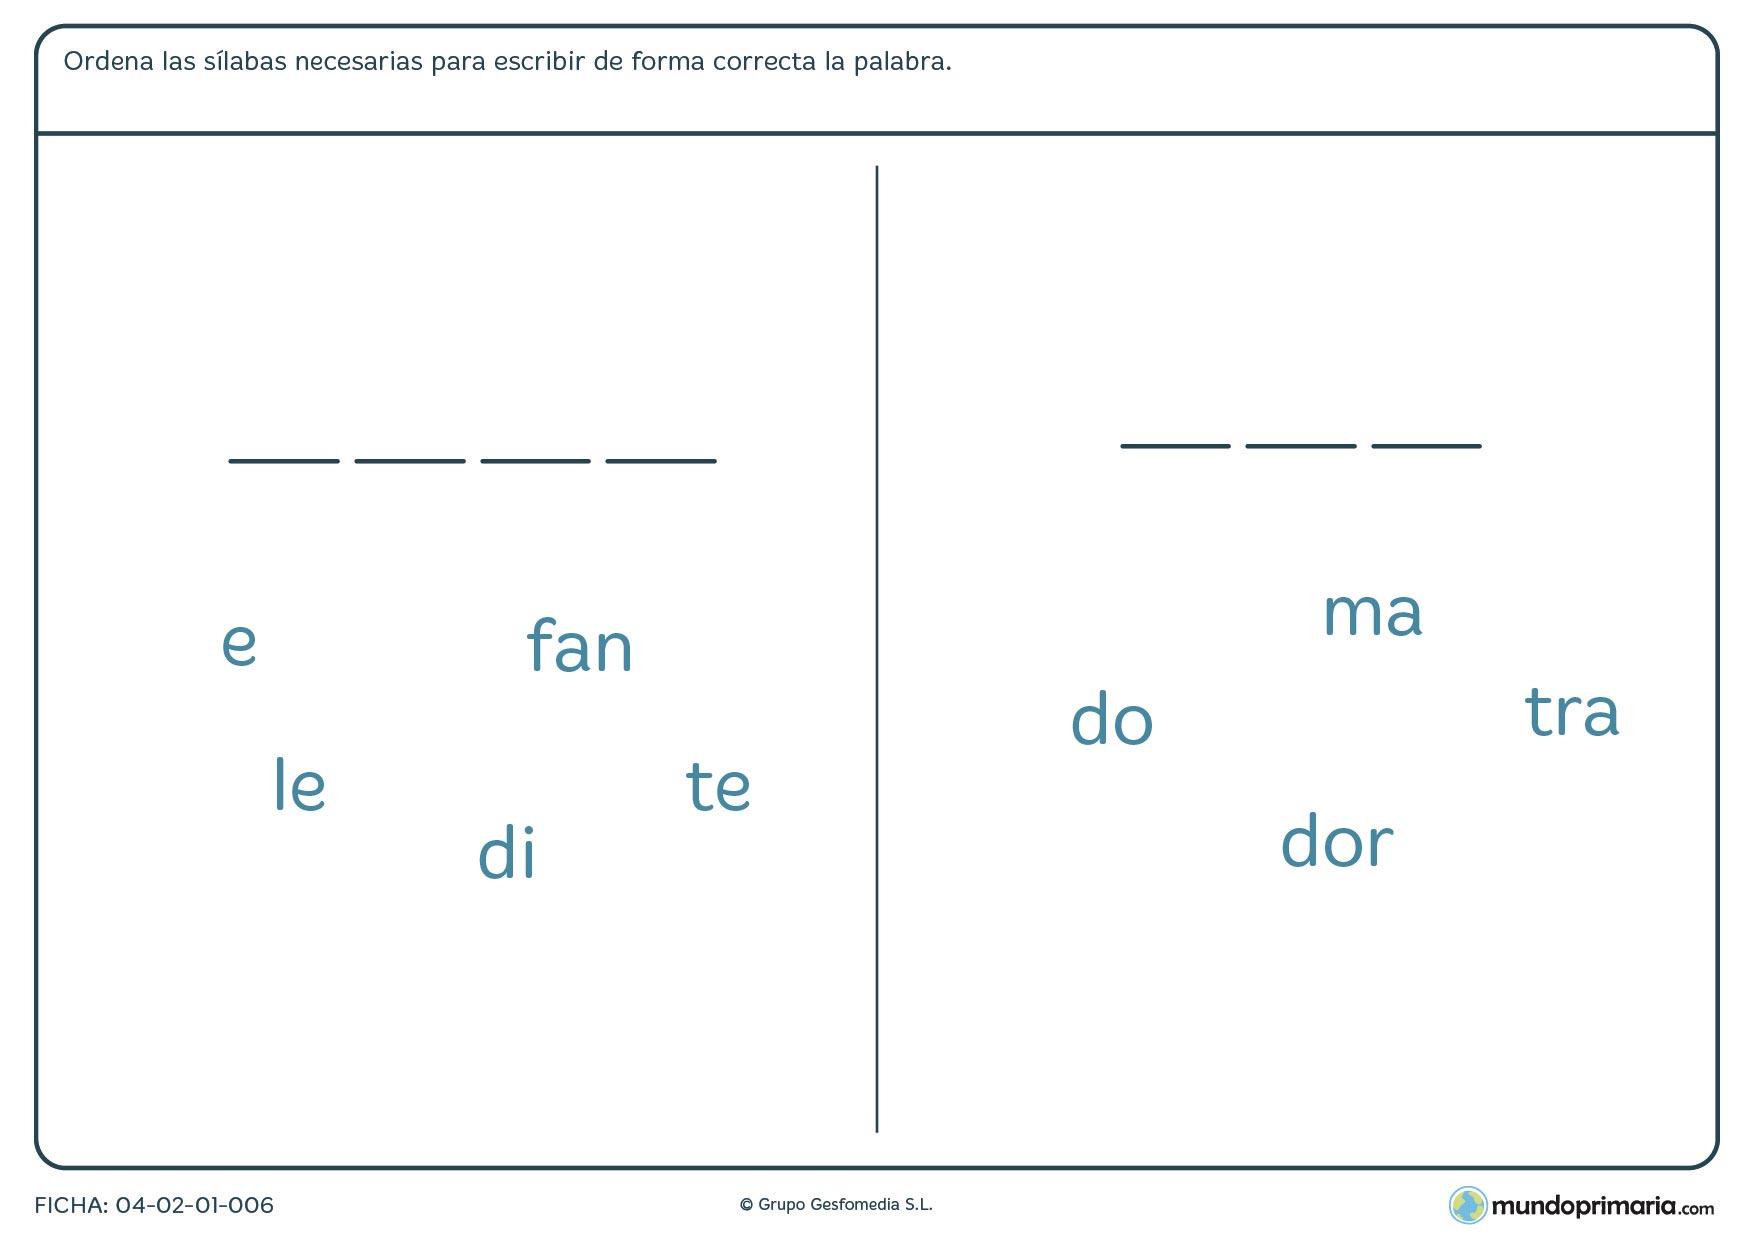 Repasa lengua de segundo de primaria con esta ficha con la que completar palabras mediante sílabas